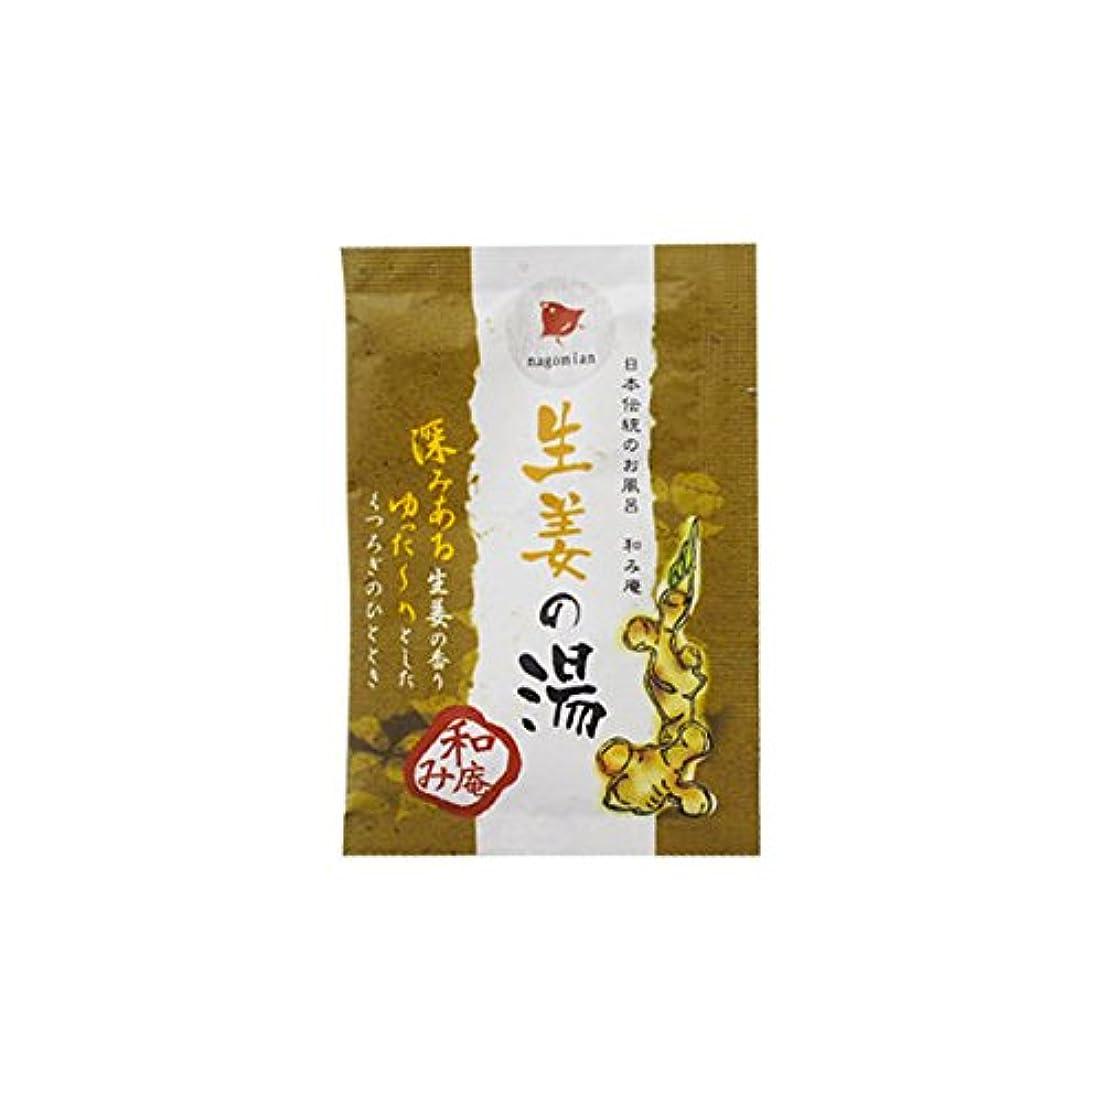 スチュアート島政権フォーマル和み庵 入浴剤 「生姜の湯」30個